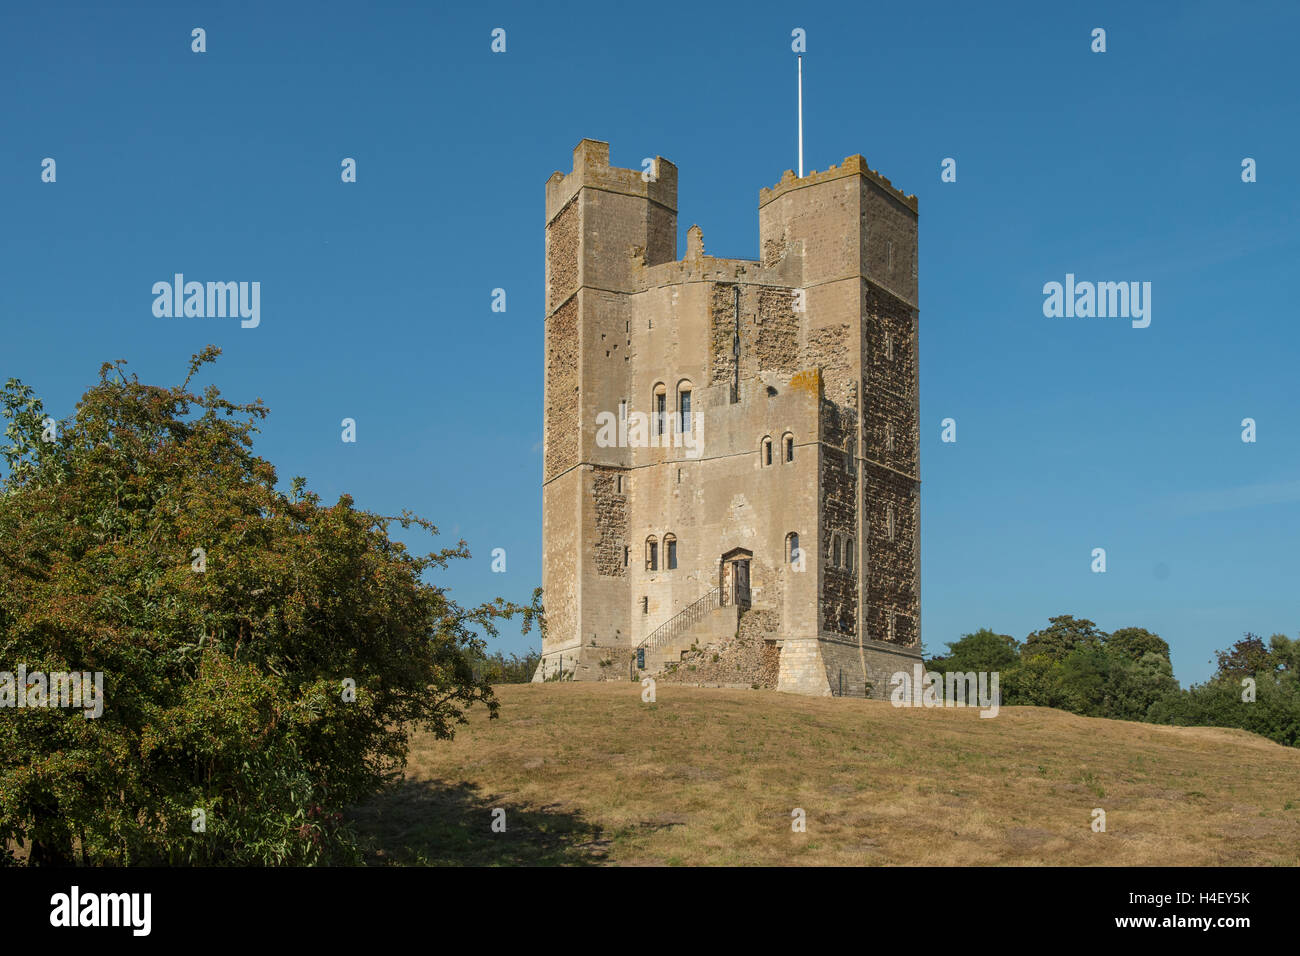 Las ruinas del castillo, de Orford, en Suffolk, Inglaterra Foto de stock